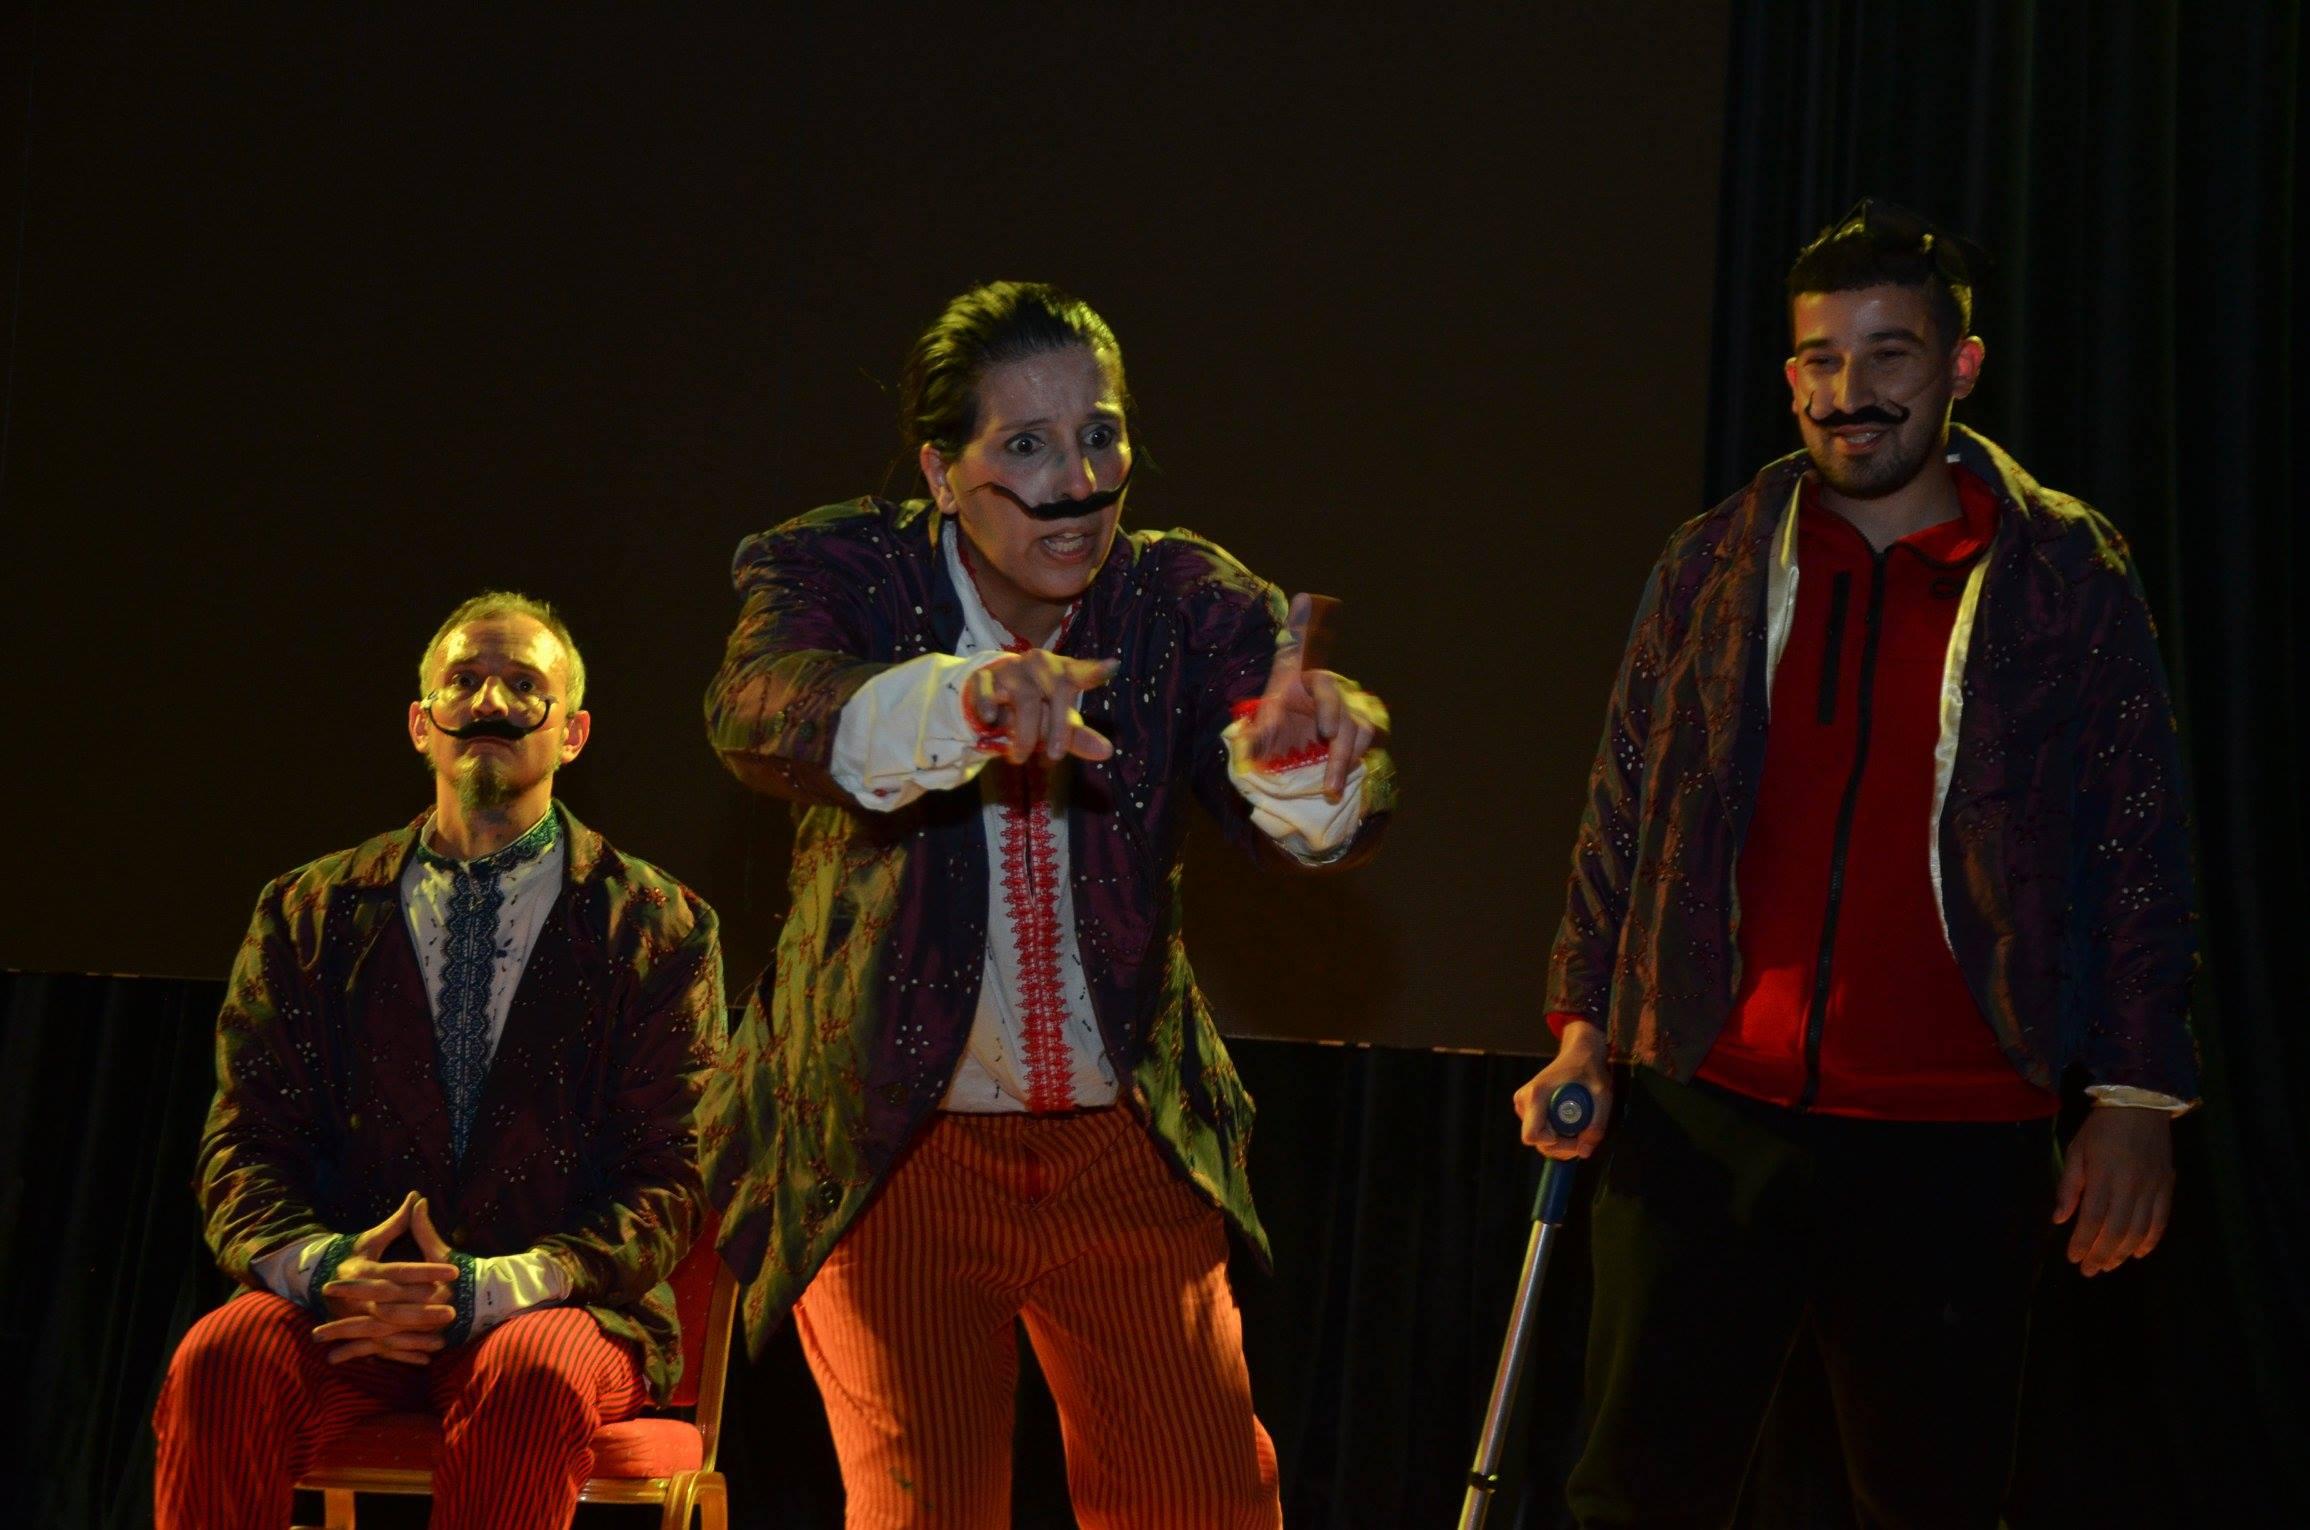 Festival Marrocos 2019